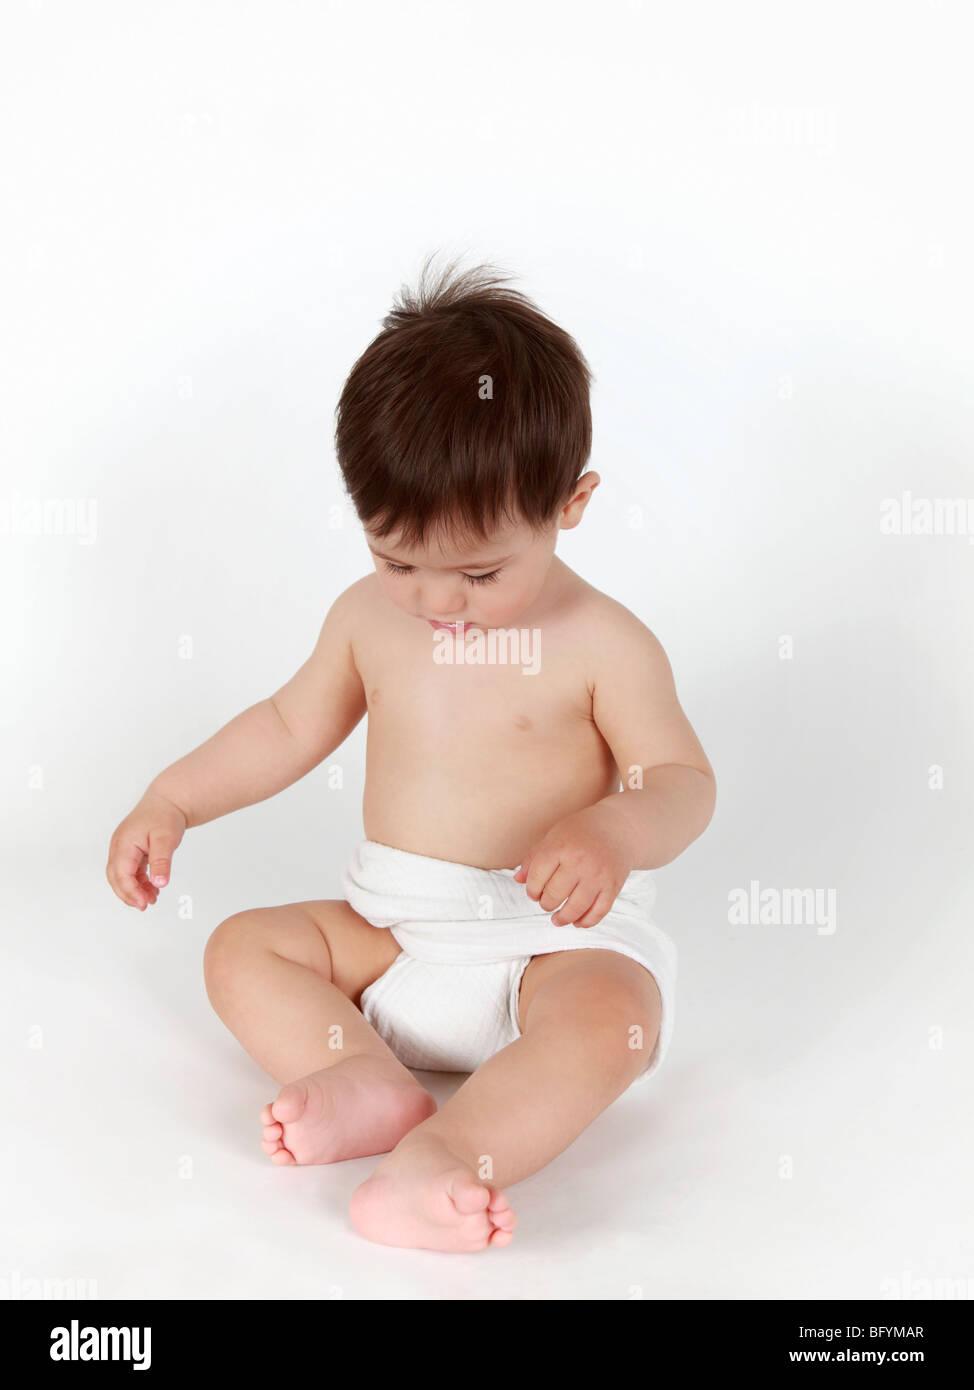 Ganzkörper-Porträt von Baby boy Stockbild